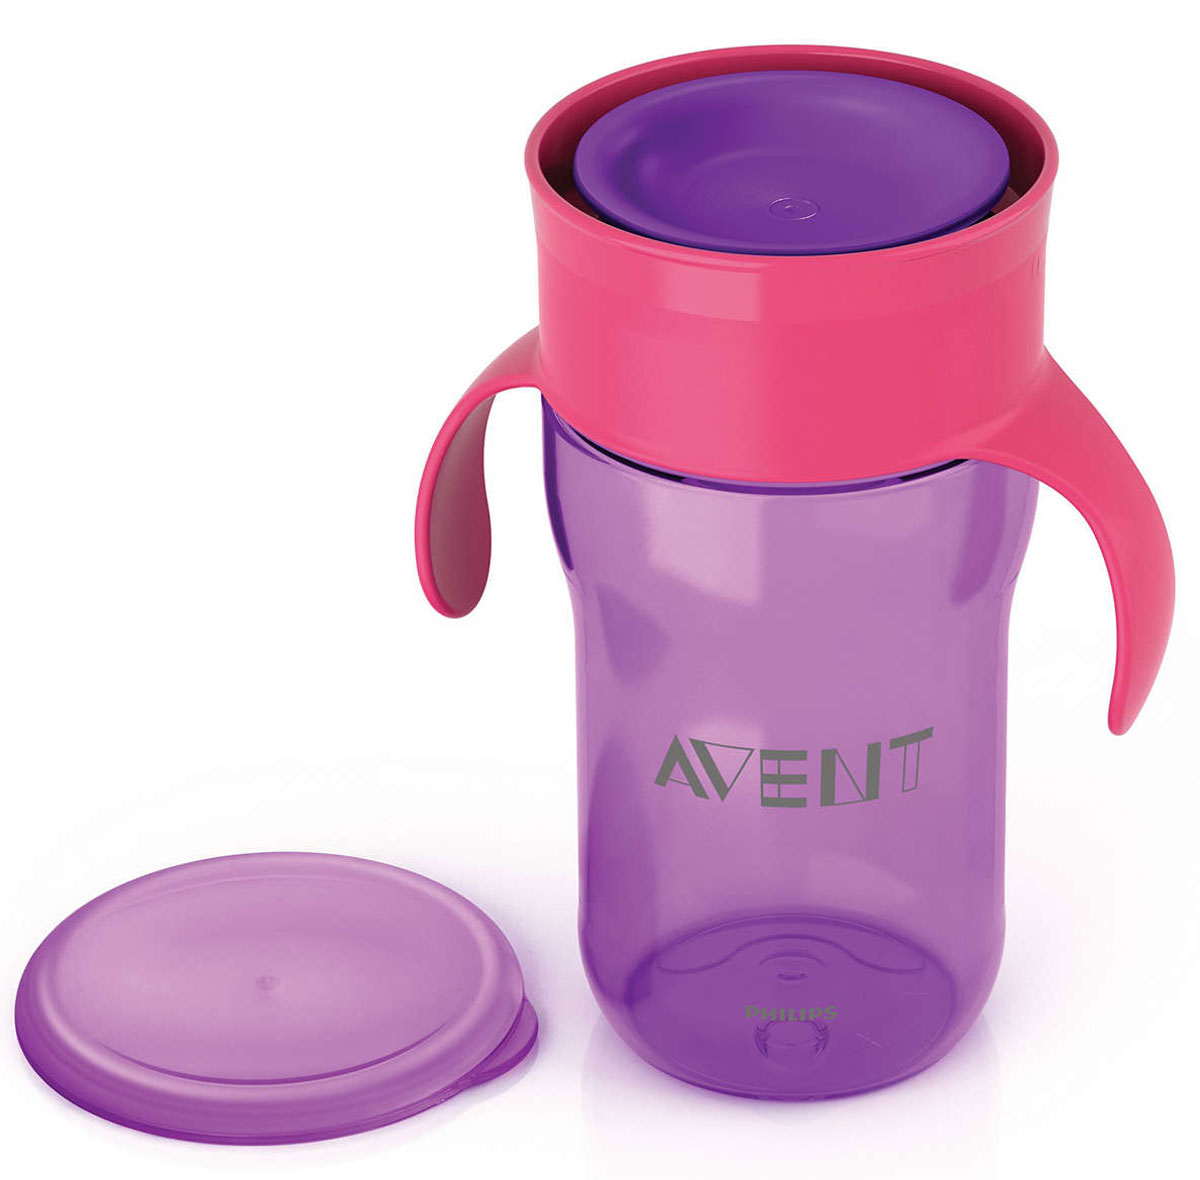 Philips Avent Взрослая чашка, 340 мл, 18м+, 1 шт фиолетовый SCF784/00 смирнова г пить или не пить быть или не быть…